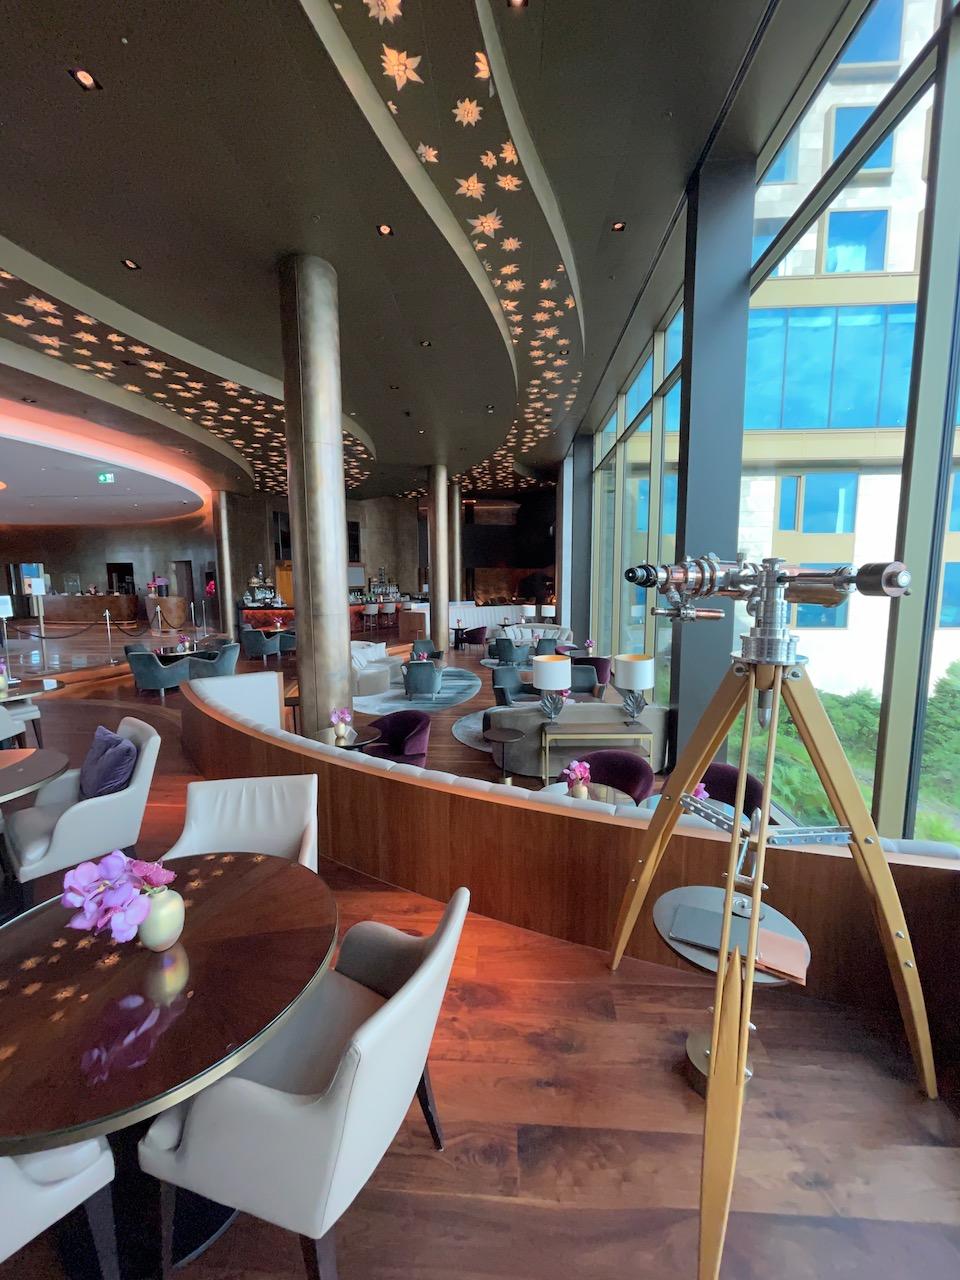 Burgenstock Lounge overlooking Lake Lucerne